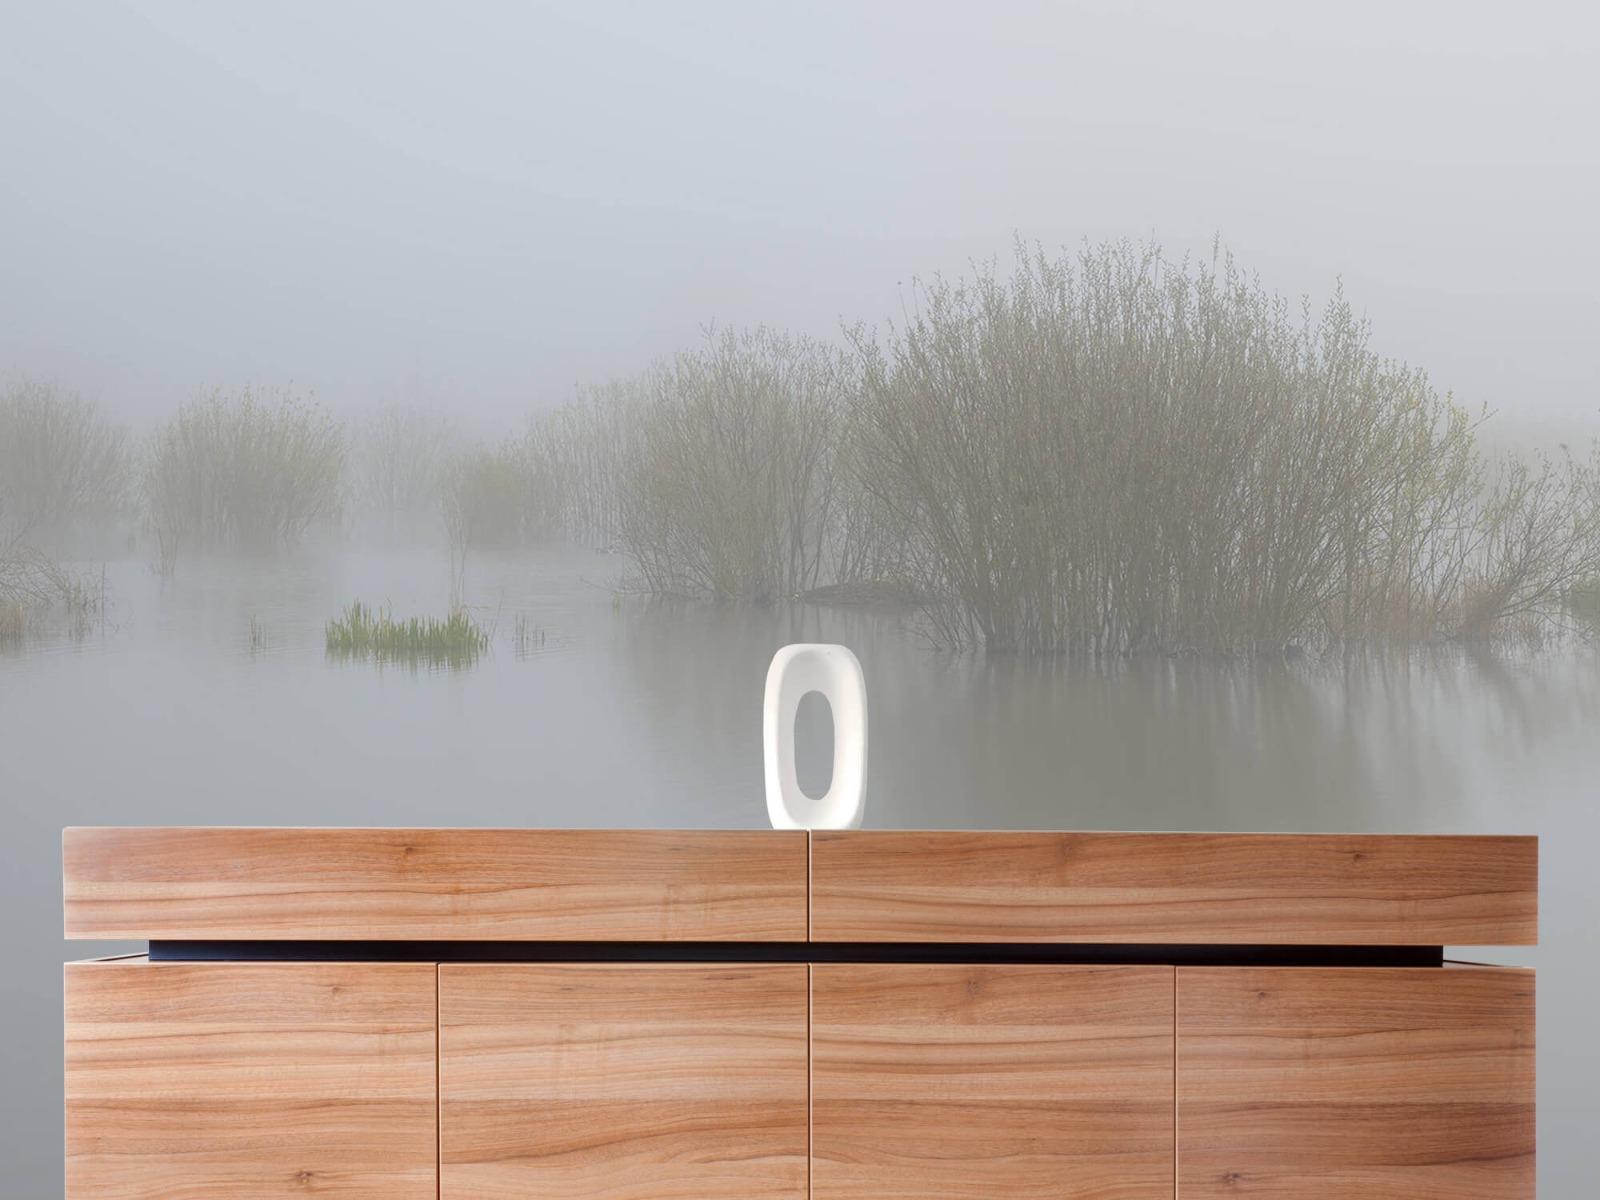 Landschap - Mist in natuurgebied - Slaapkamer 20